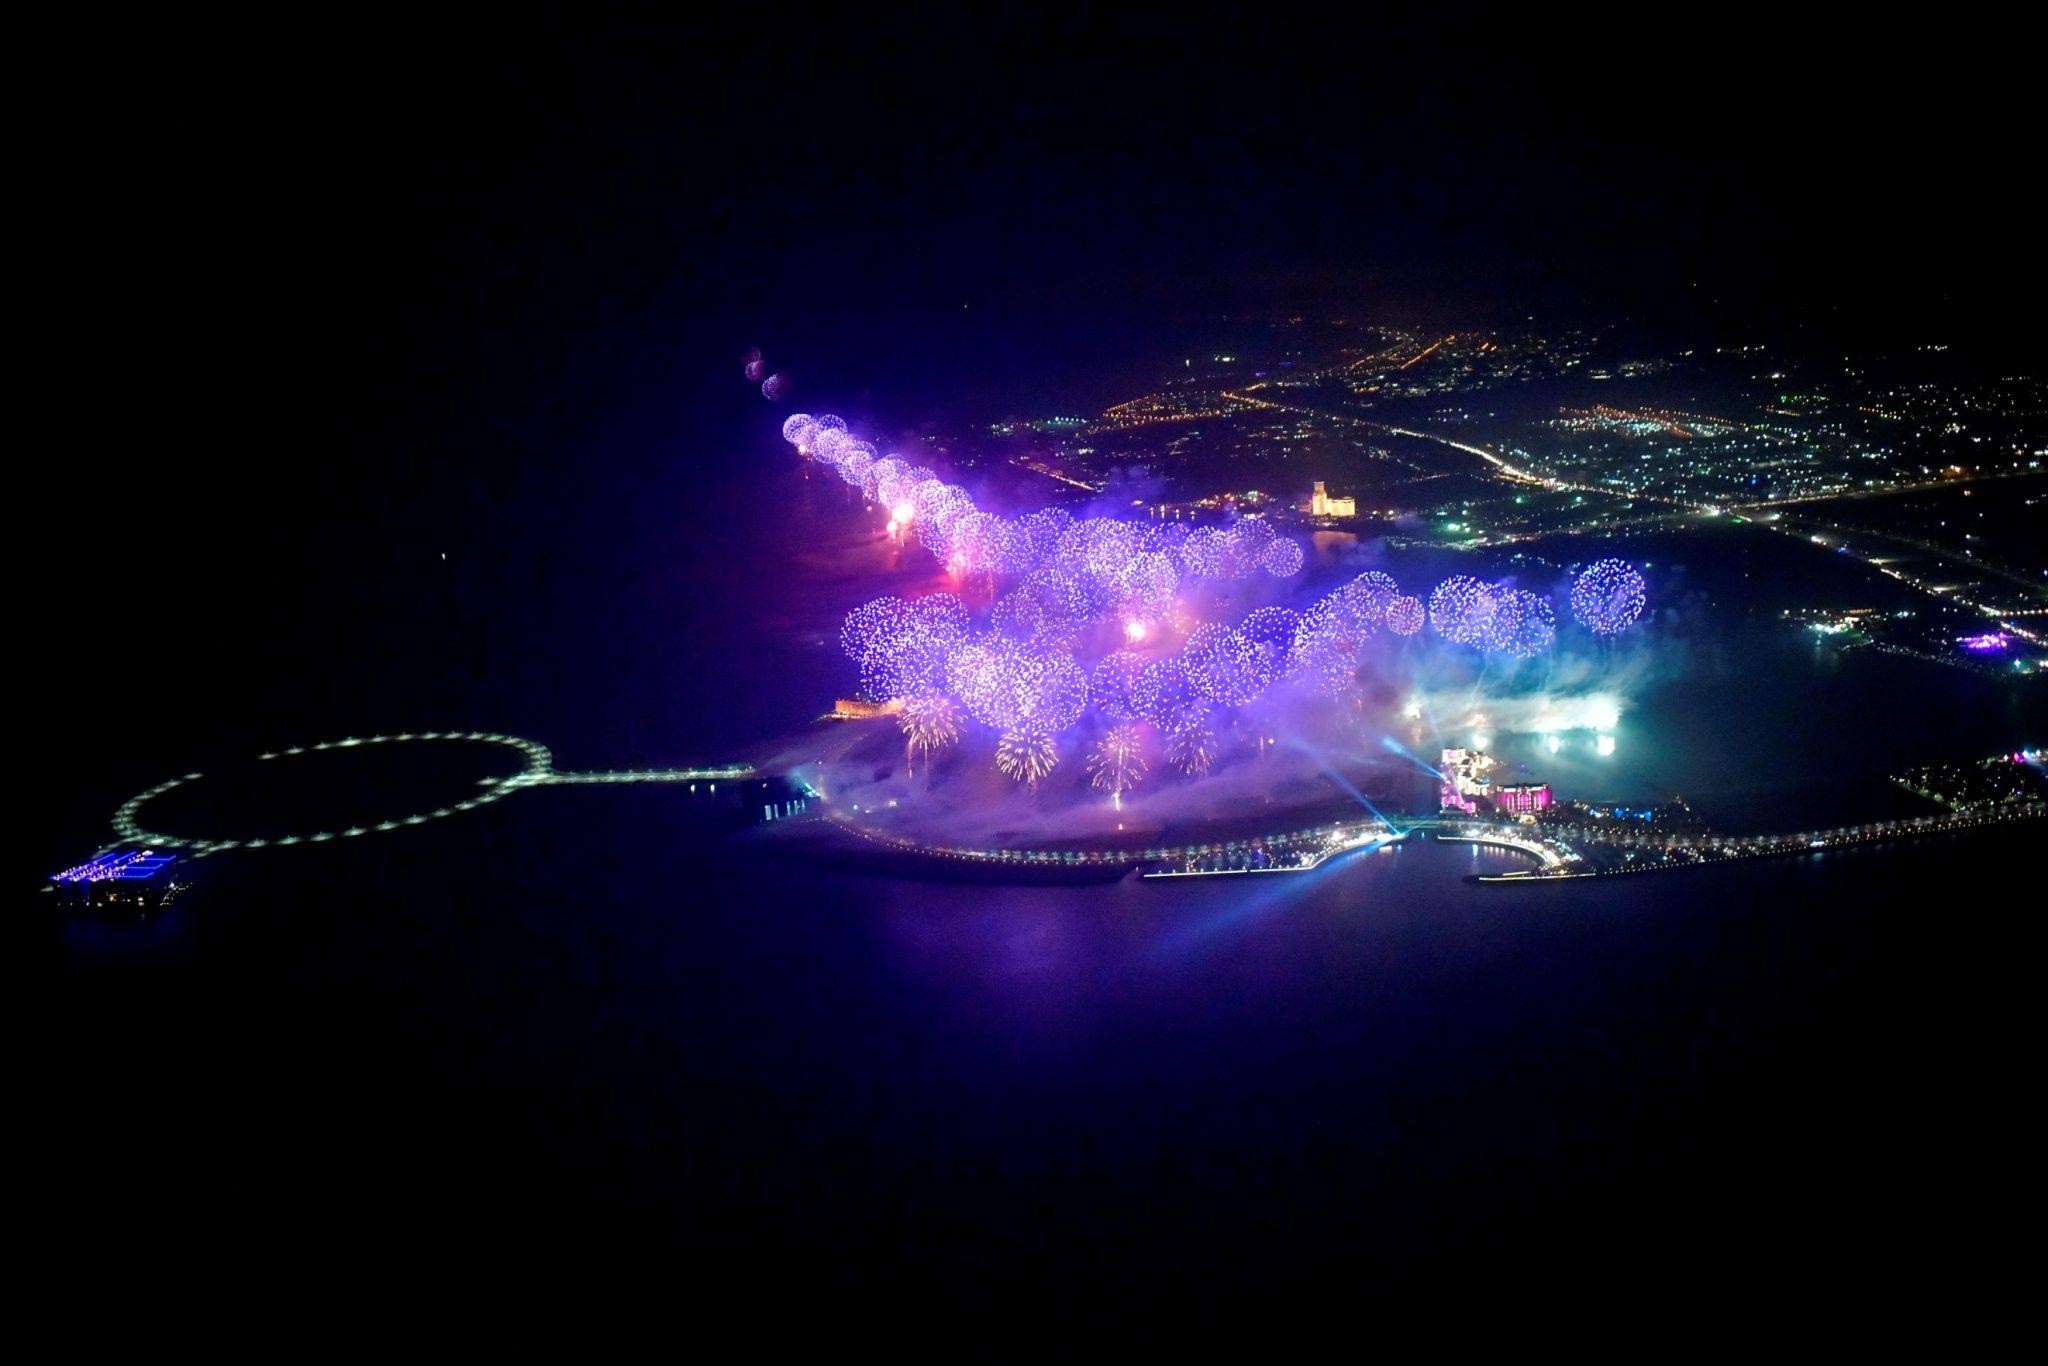 إحتفالات ضخمة بليلة رأس السنة 2020 في هيلتون جزيرة المرجان